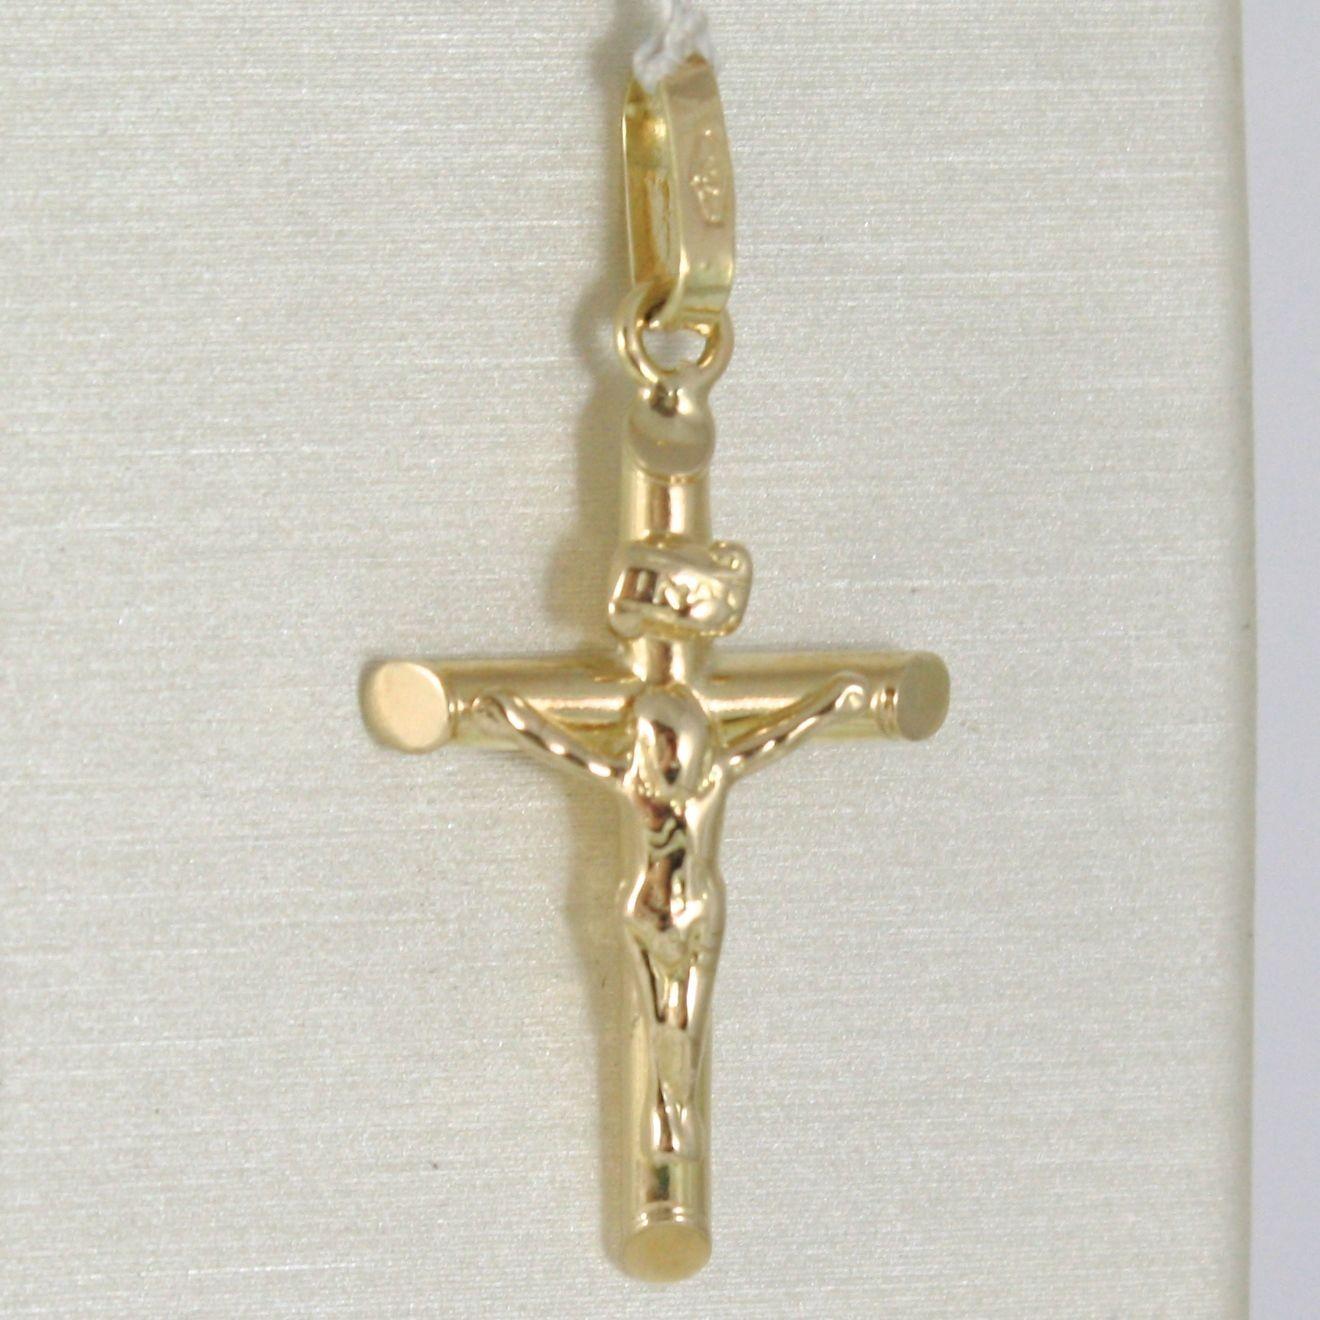 PENDENTIF CROIX OR JAUNE OU BLANC 750 18K,TUYAU,AVEC LE CHRIST,JESUS,